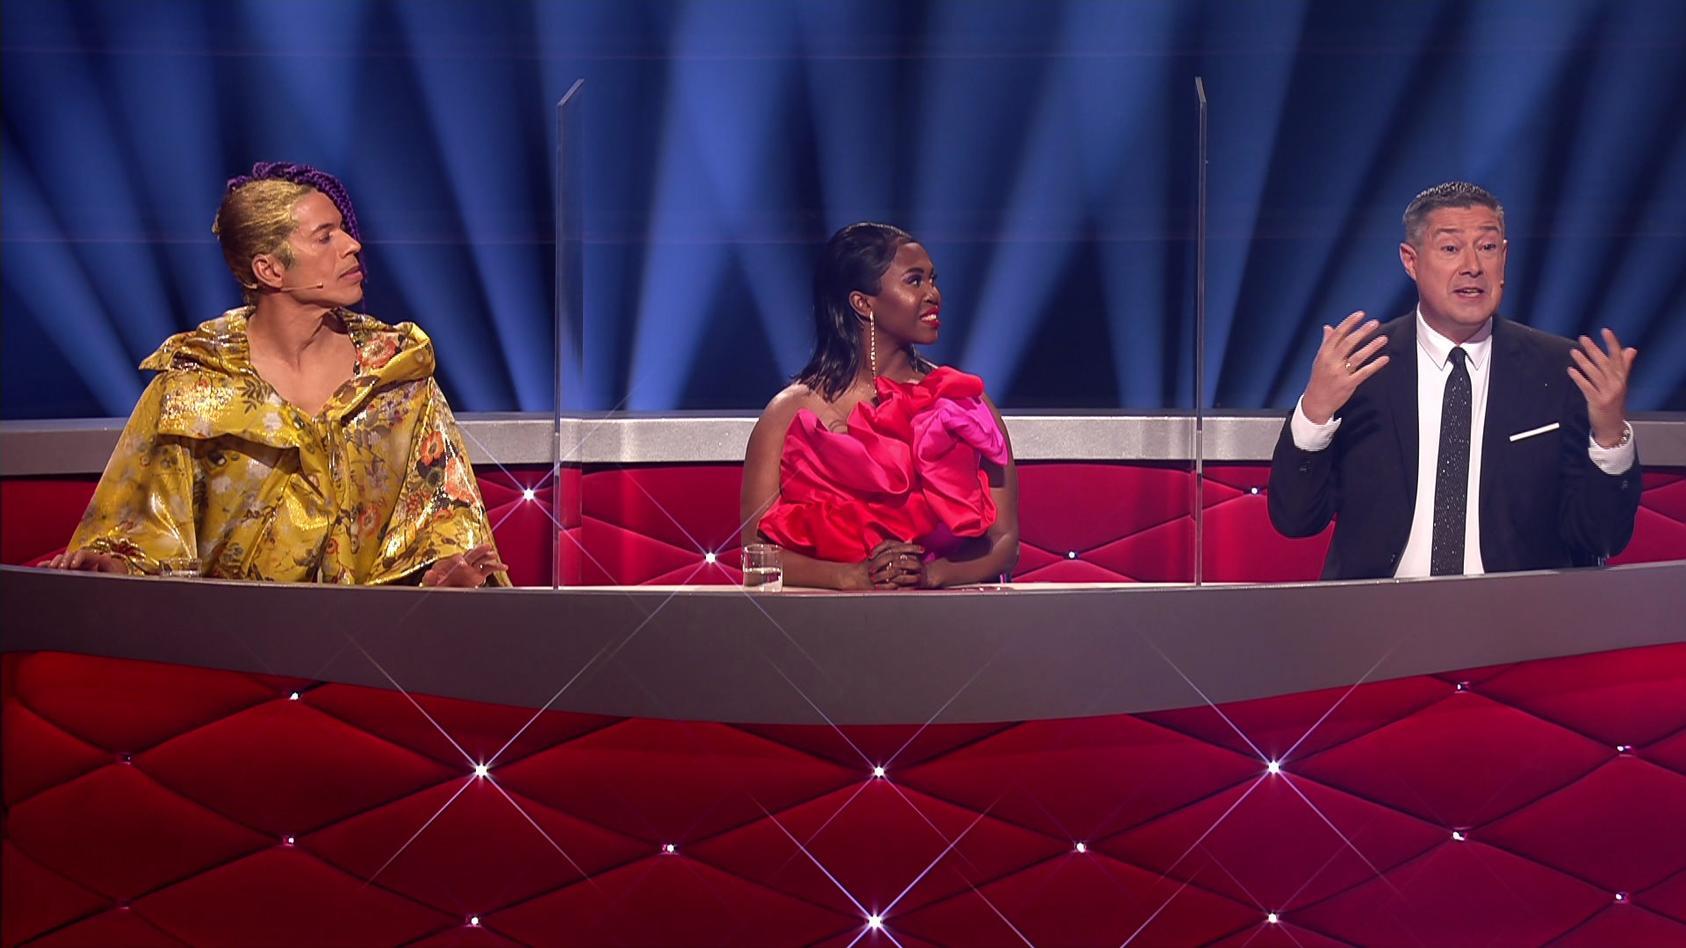 In der 7. Show sind die Juroren mit Plexiglasscheiben voneinander getrennt.